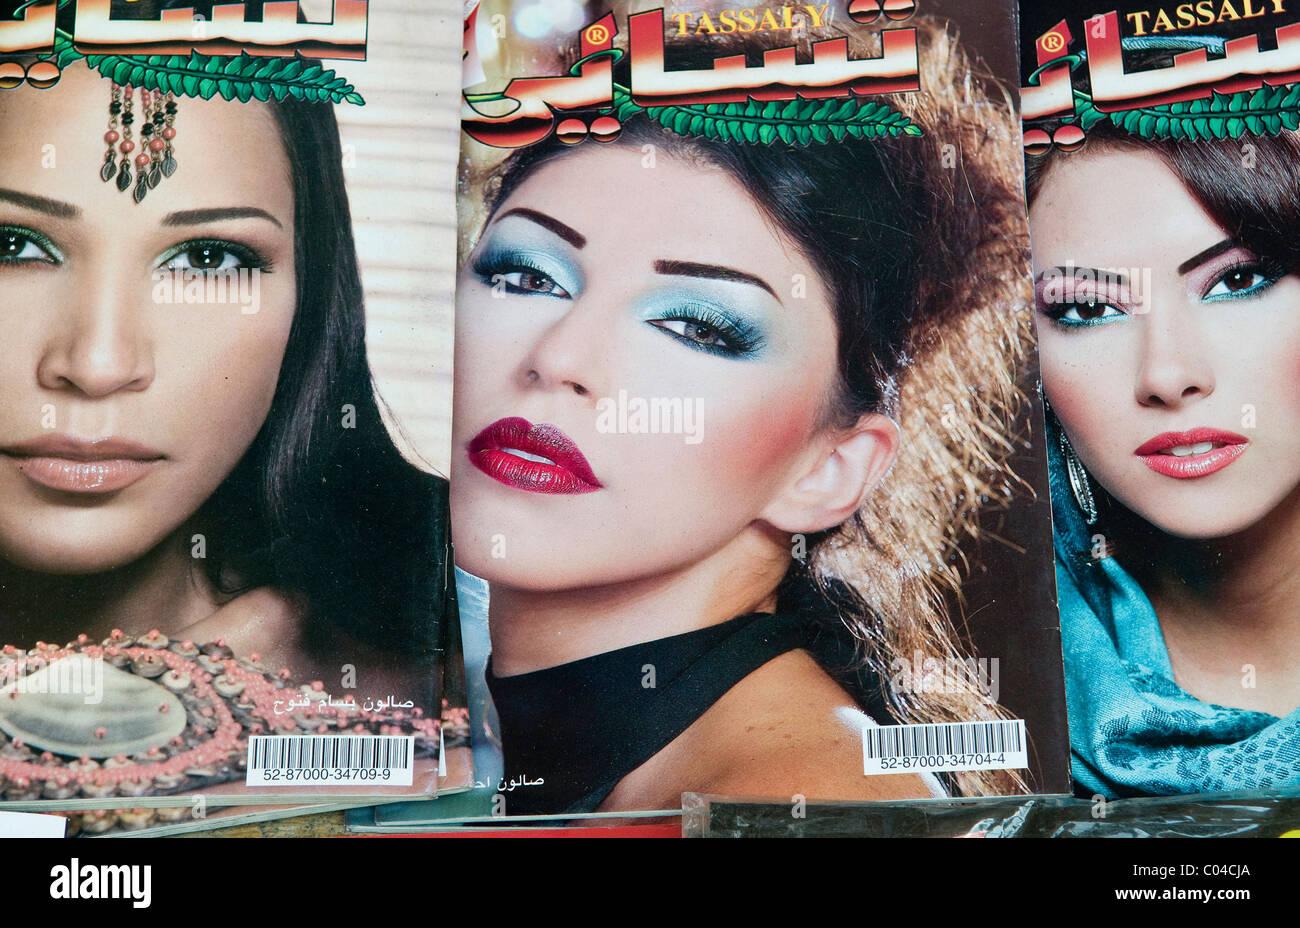 Colorful Egyptian show biz magazines. - Stock Image